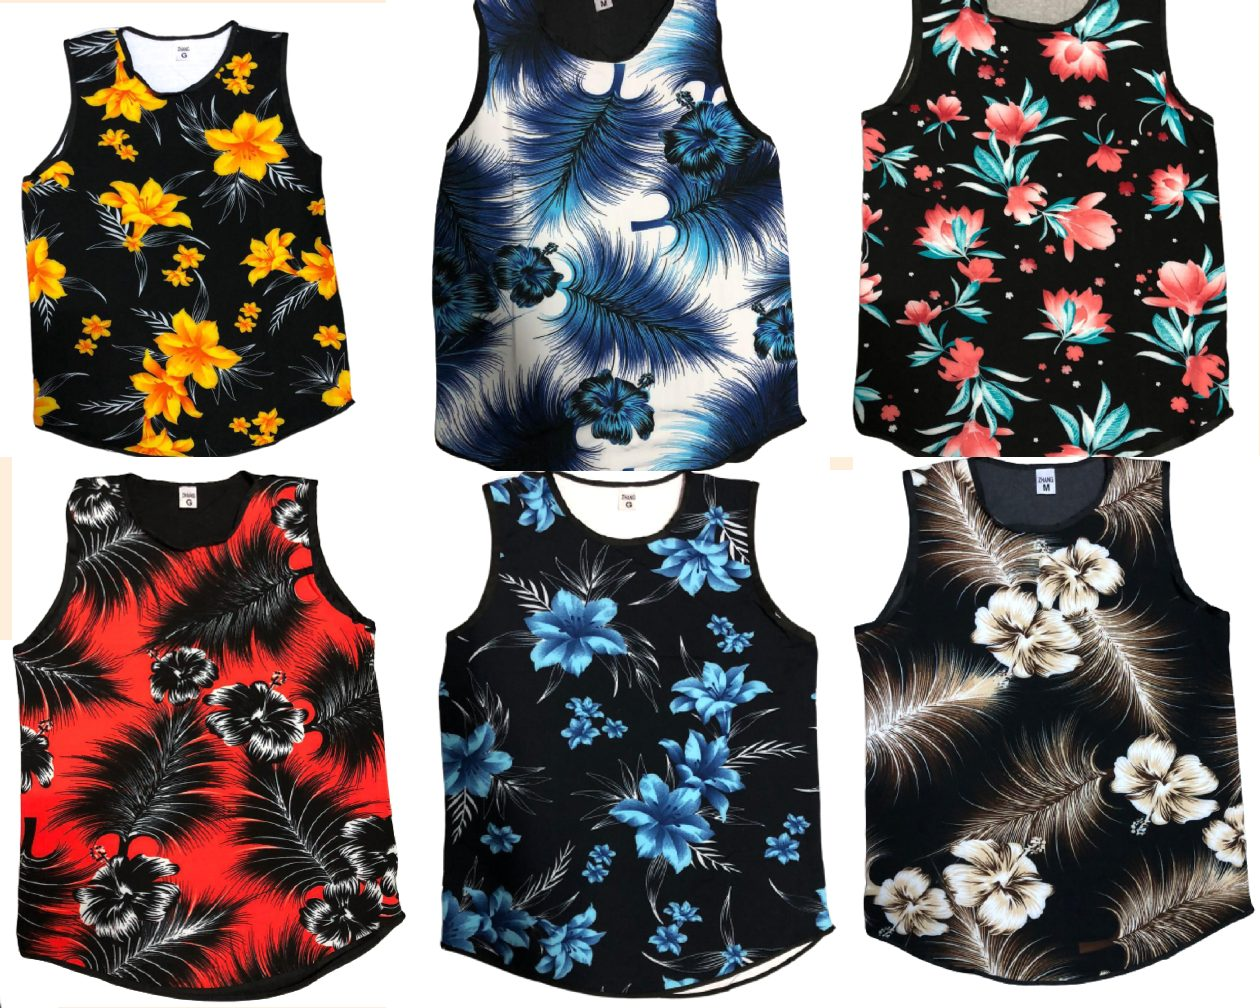 Kit 6 Regatas Camisetas Masculinas Long Ling Swag Florida Estampadas Floral